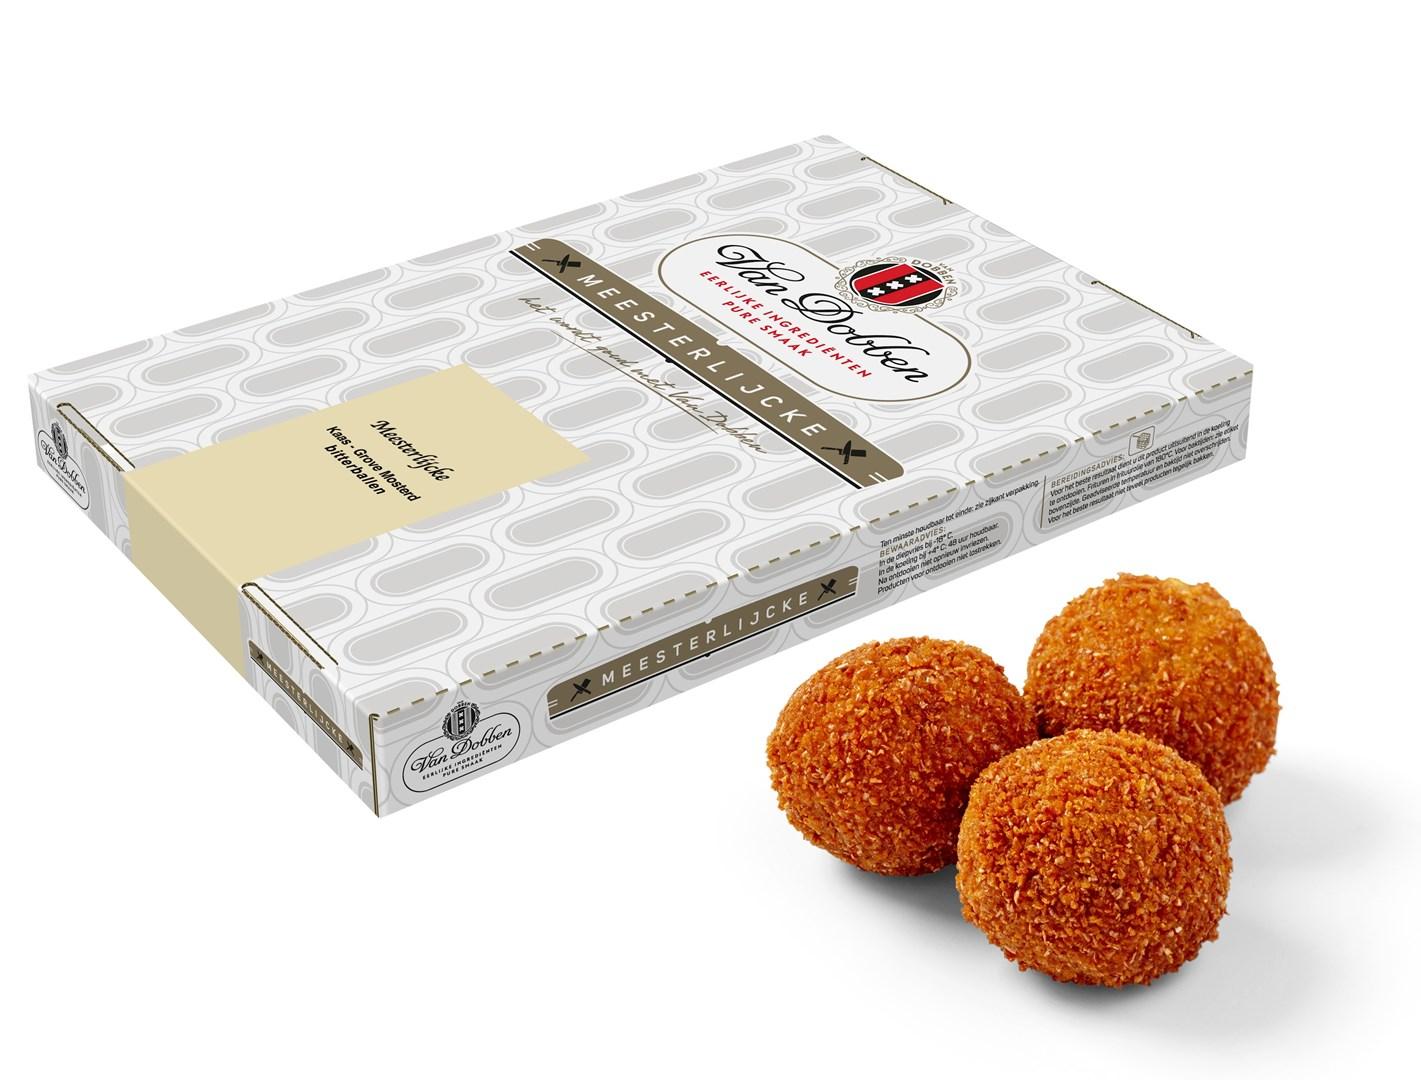 Productafbeelding Van Dobben Meesterlijcke Kaas - Grove Mosterd bitterballen 54 x 30 gram